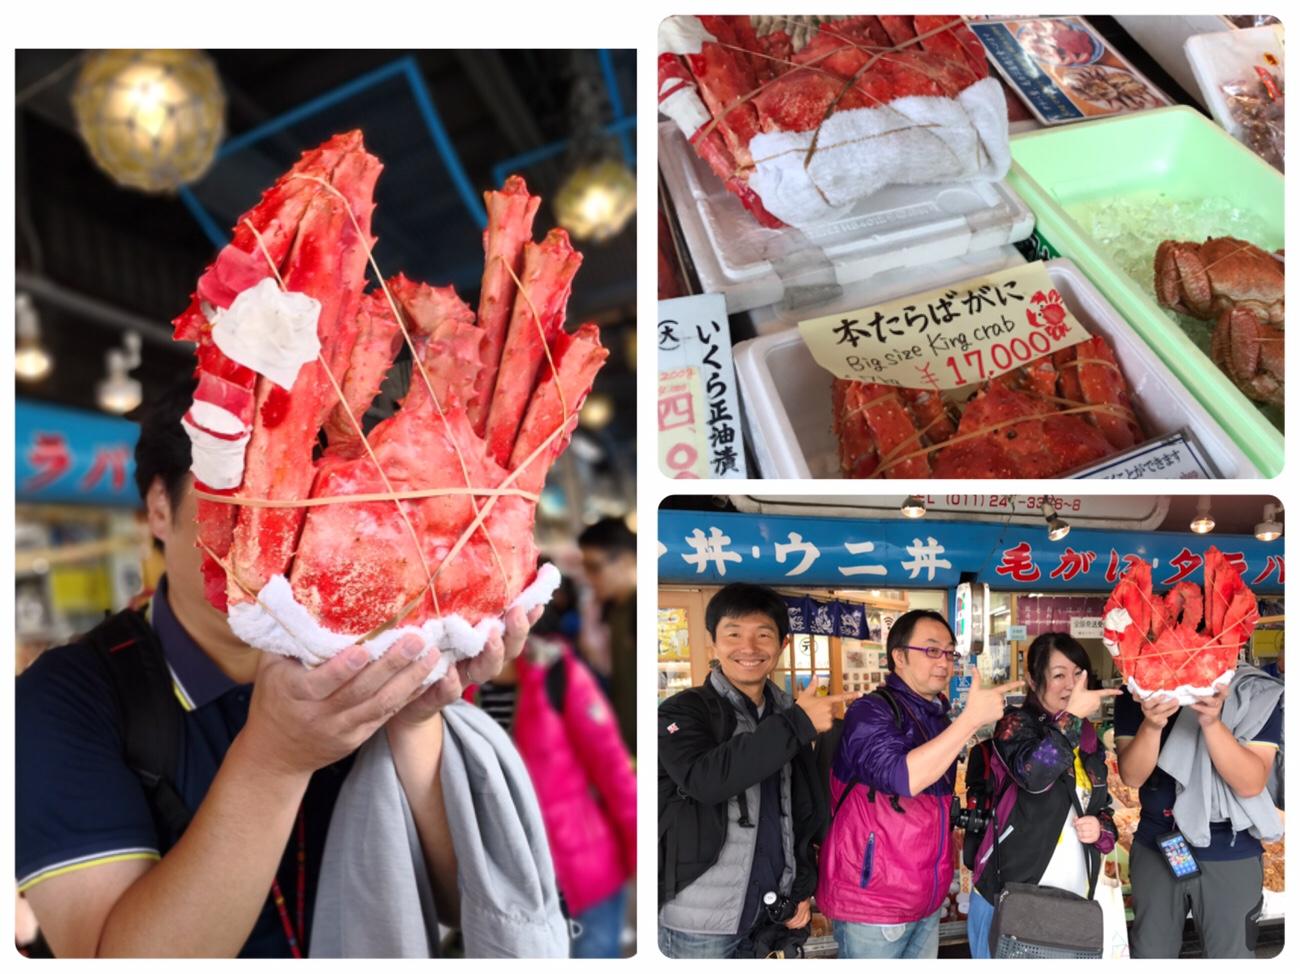 二条市場で海鮮丼を食べたあとの記念撮影 札幌グルメ